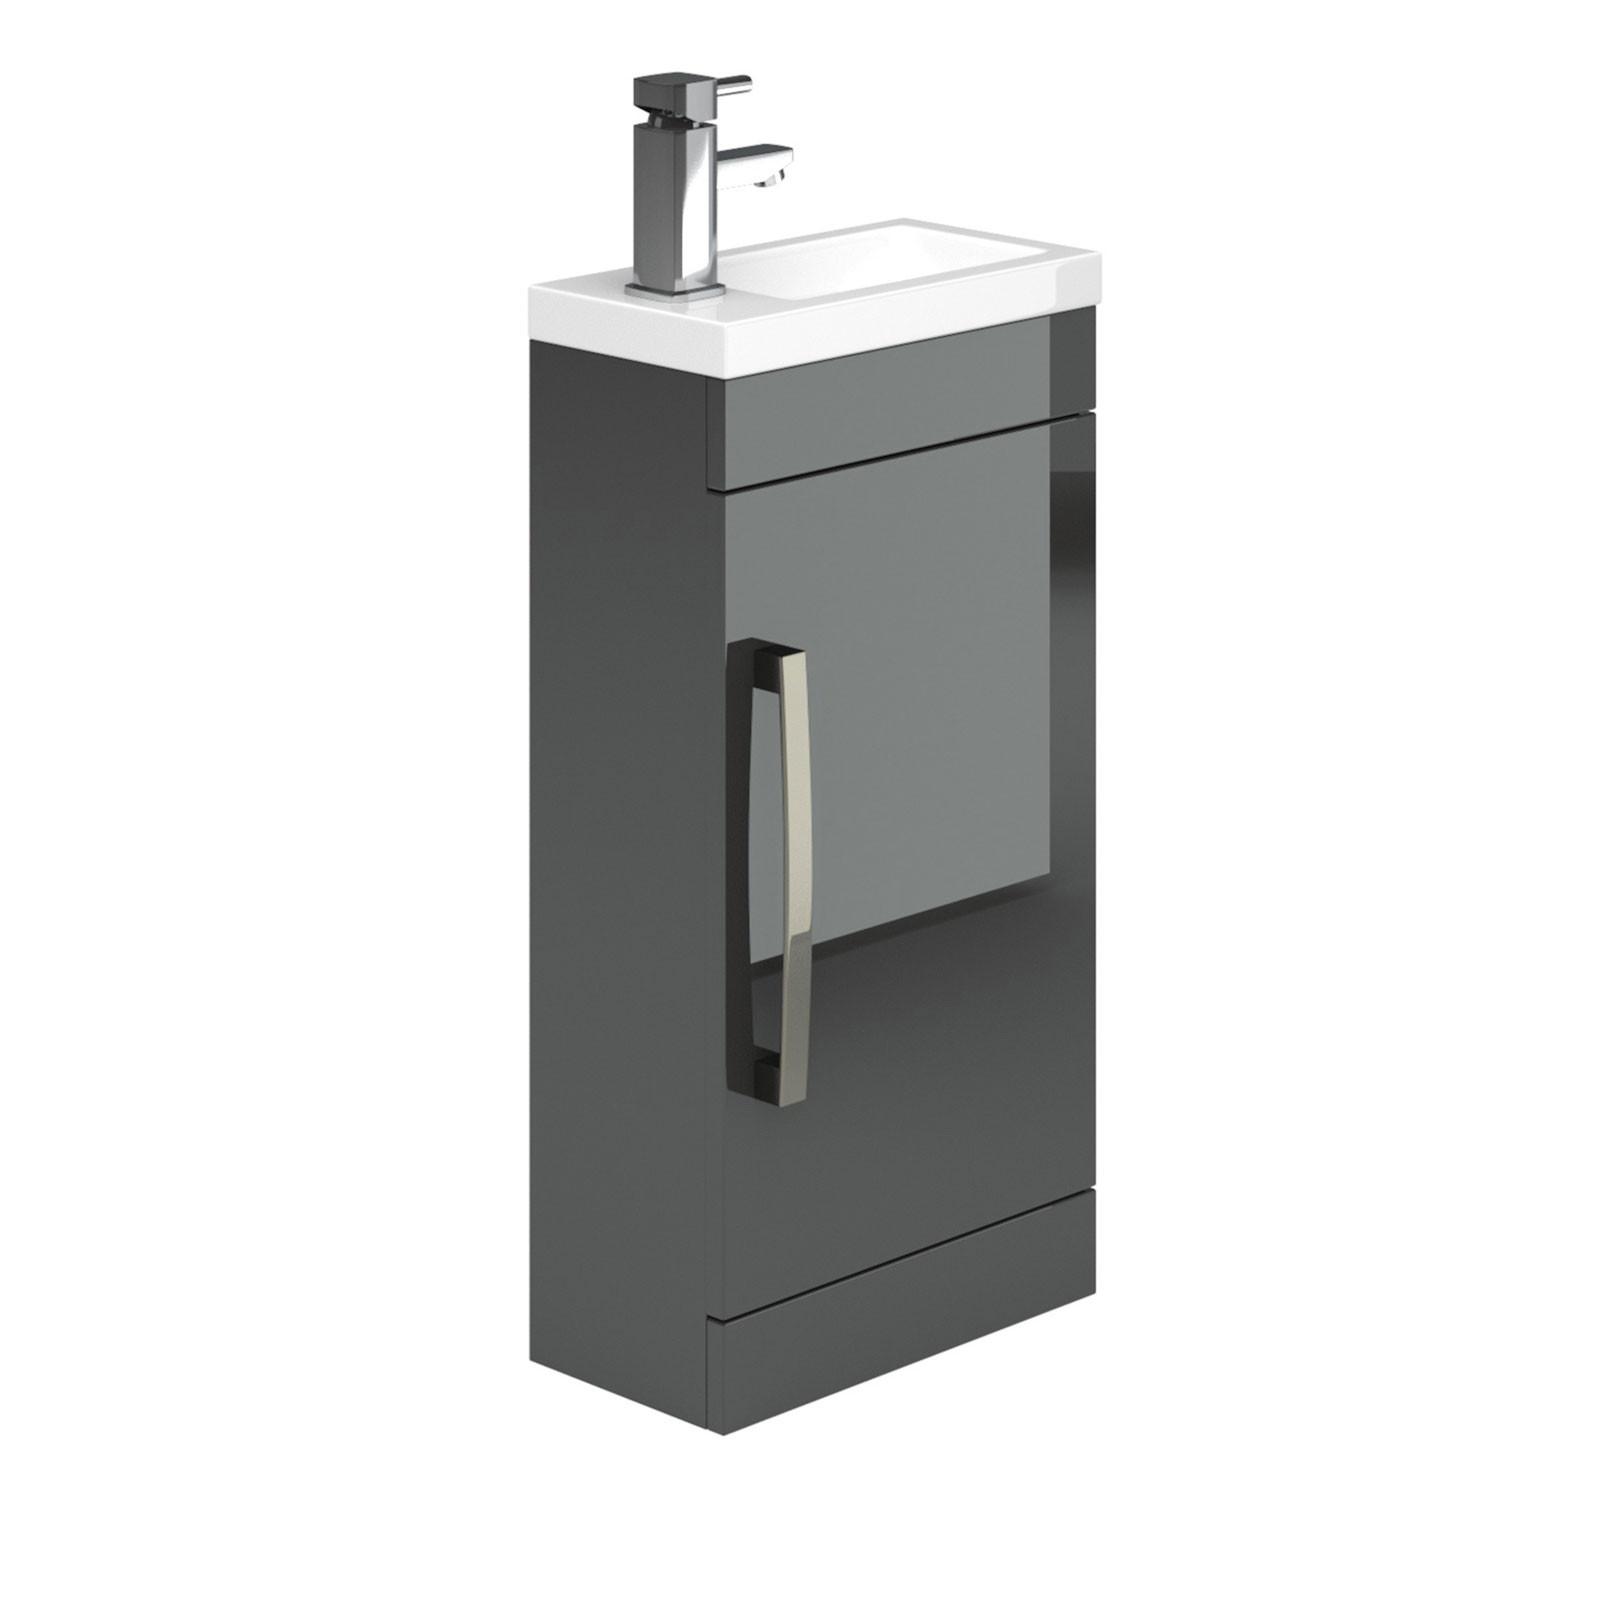 nante floor standing cloakroom vanity unit u0026 basin - anthracite grey CFOTRXT